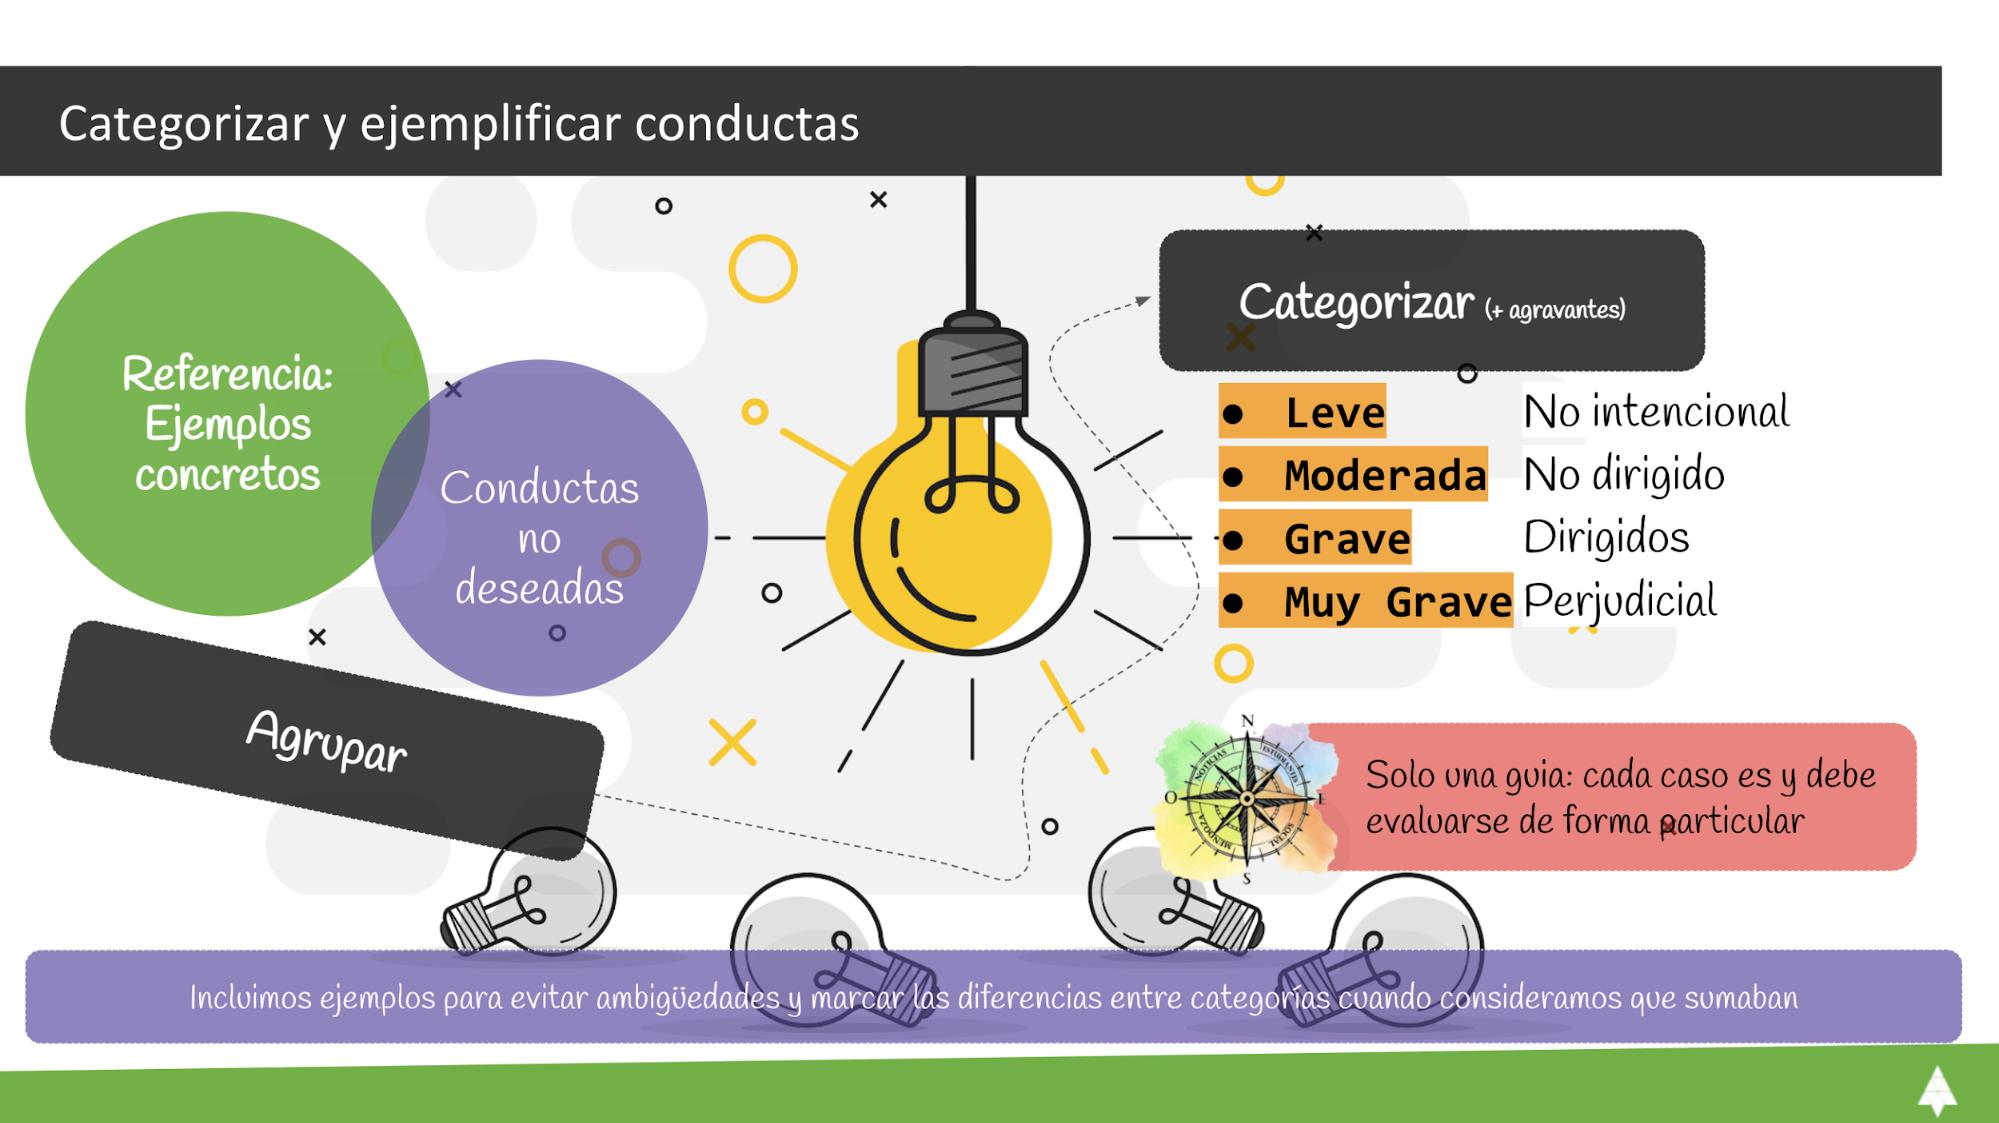 Categorias y ejemplos de conductas - resumen